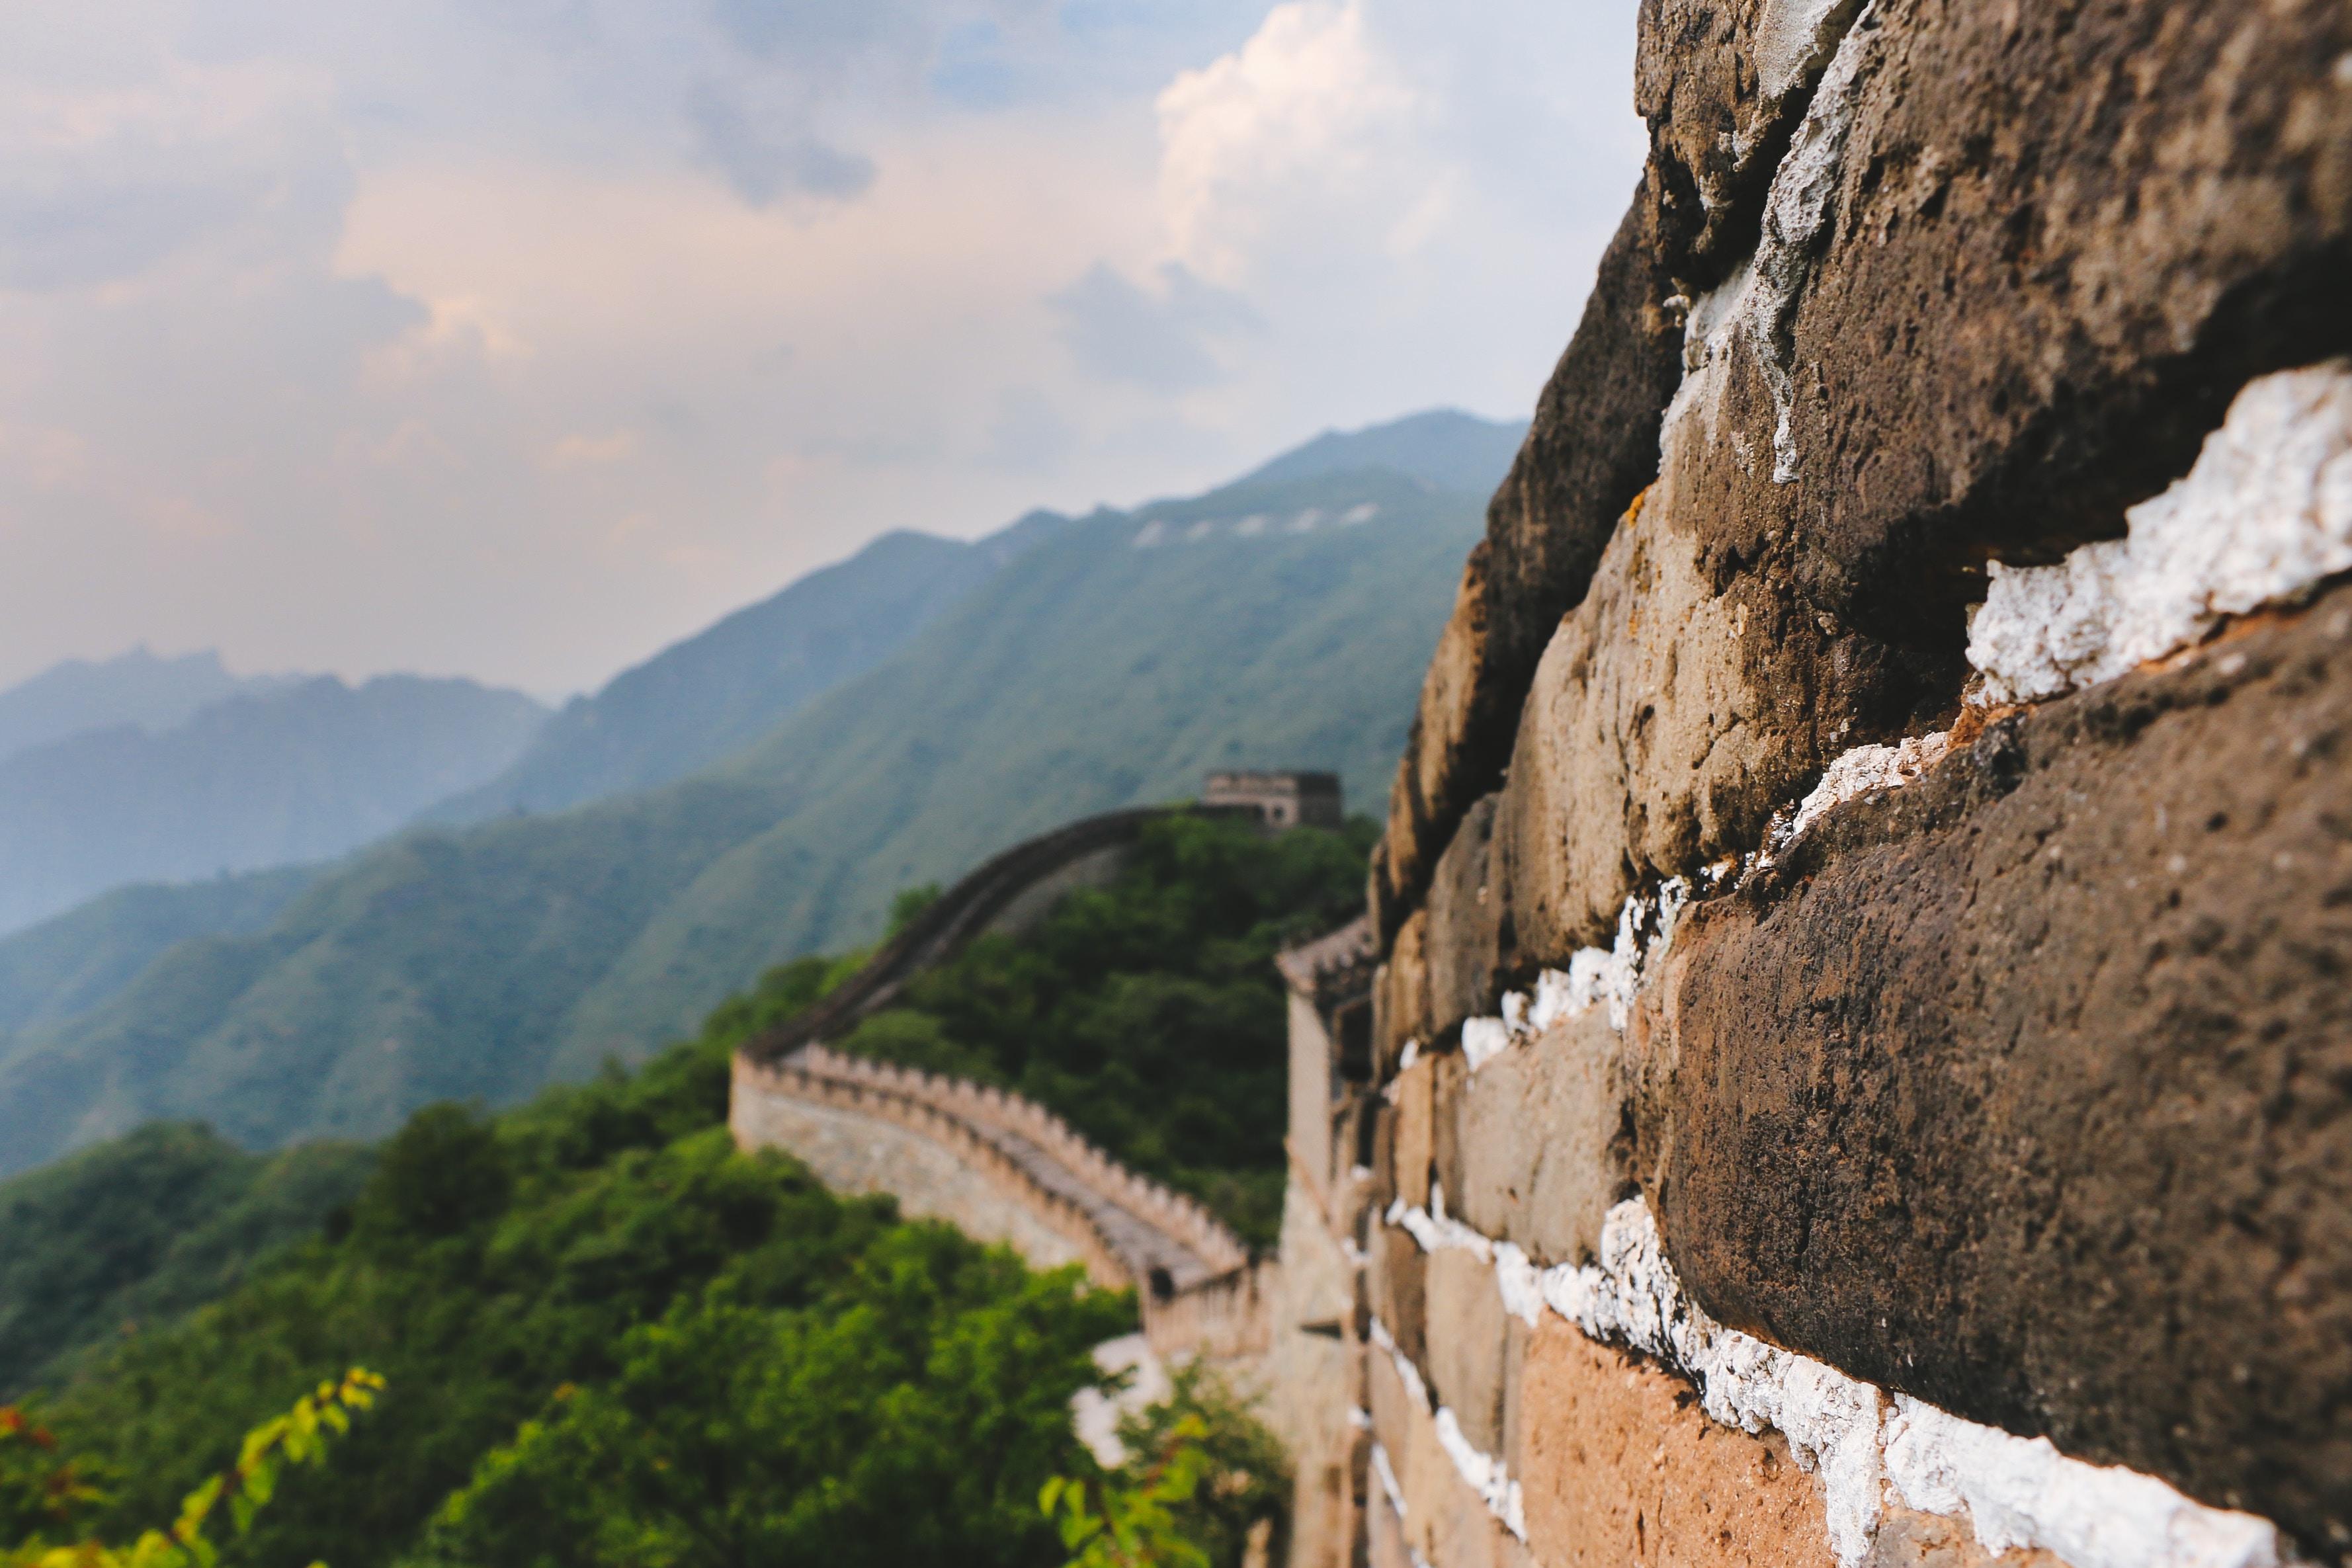 Chiny stawiają nowy mur